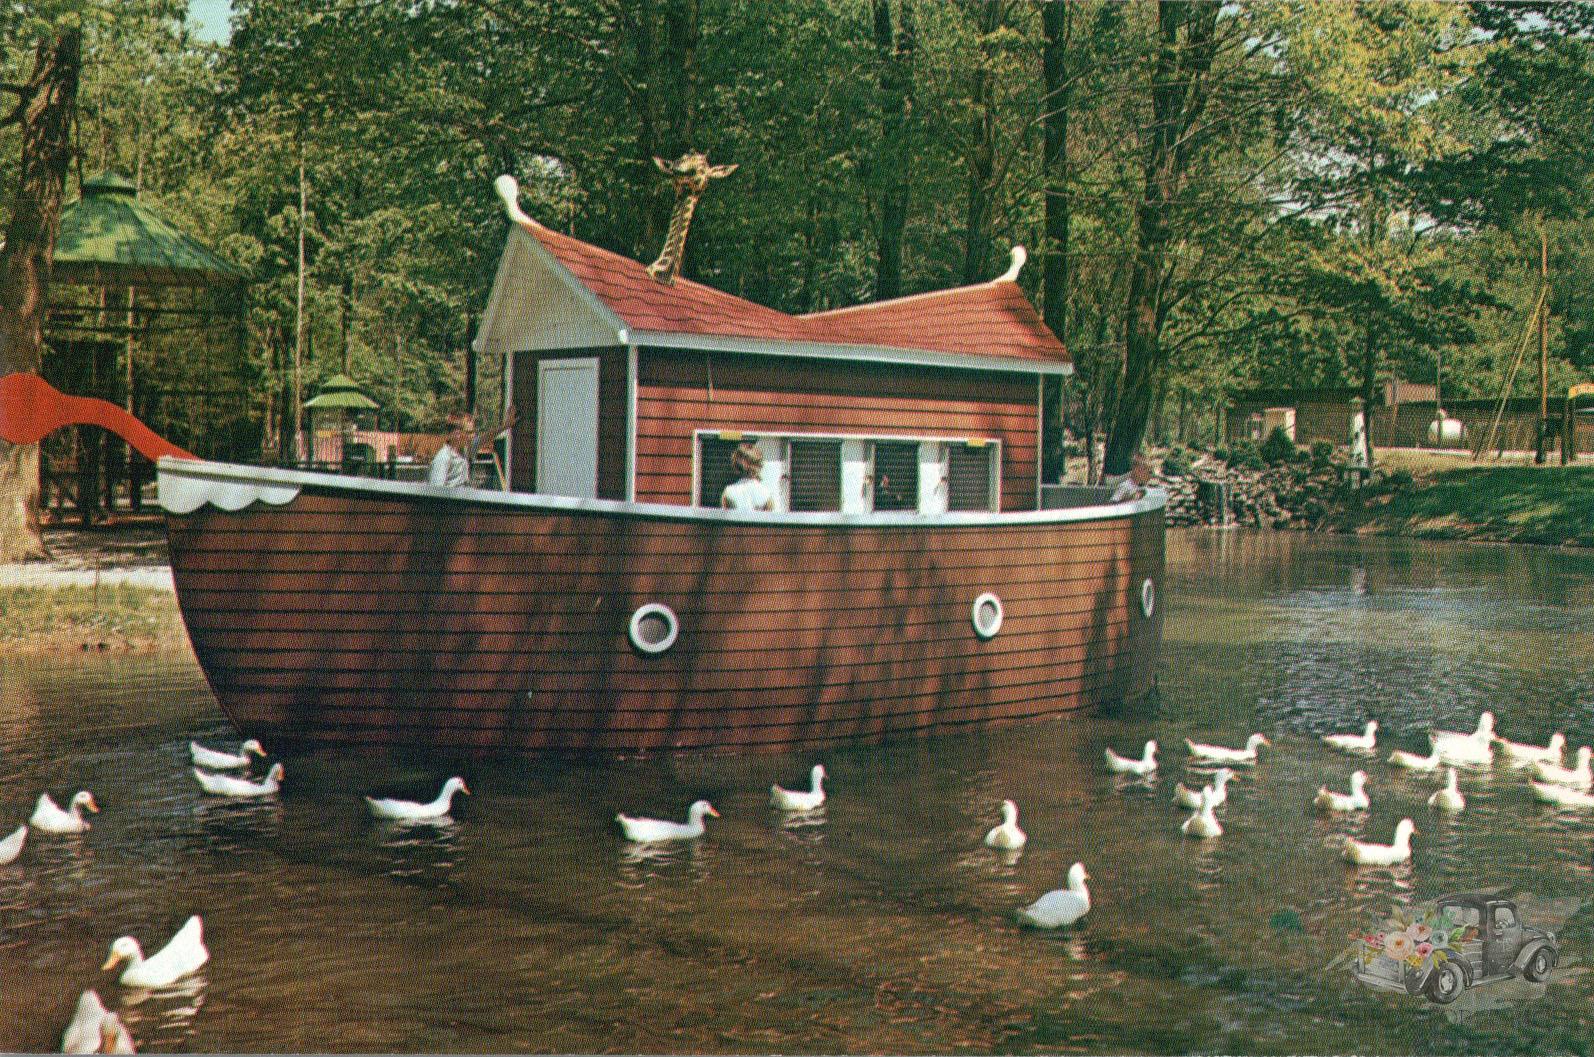 Noah's Ark attraction